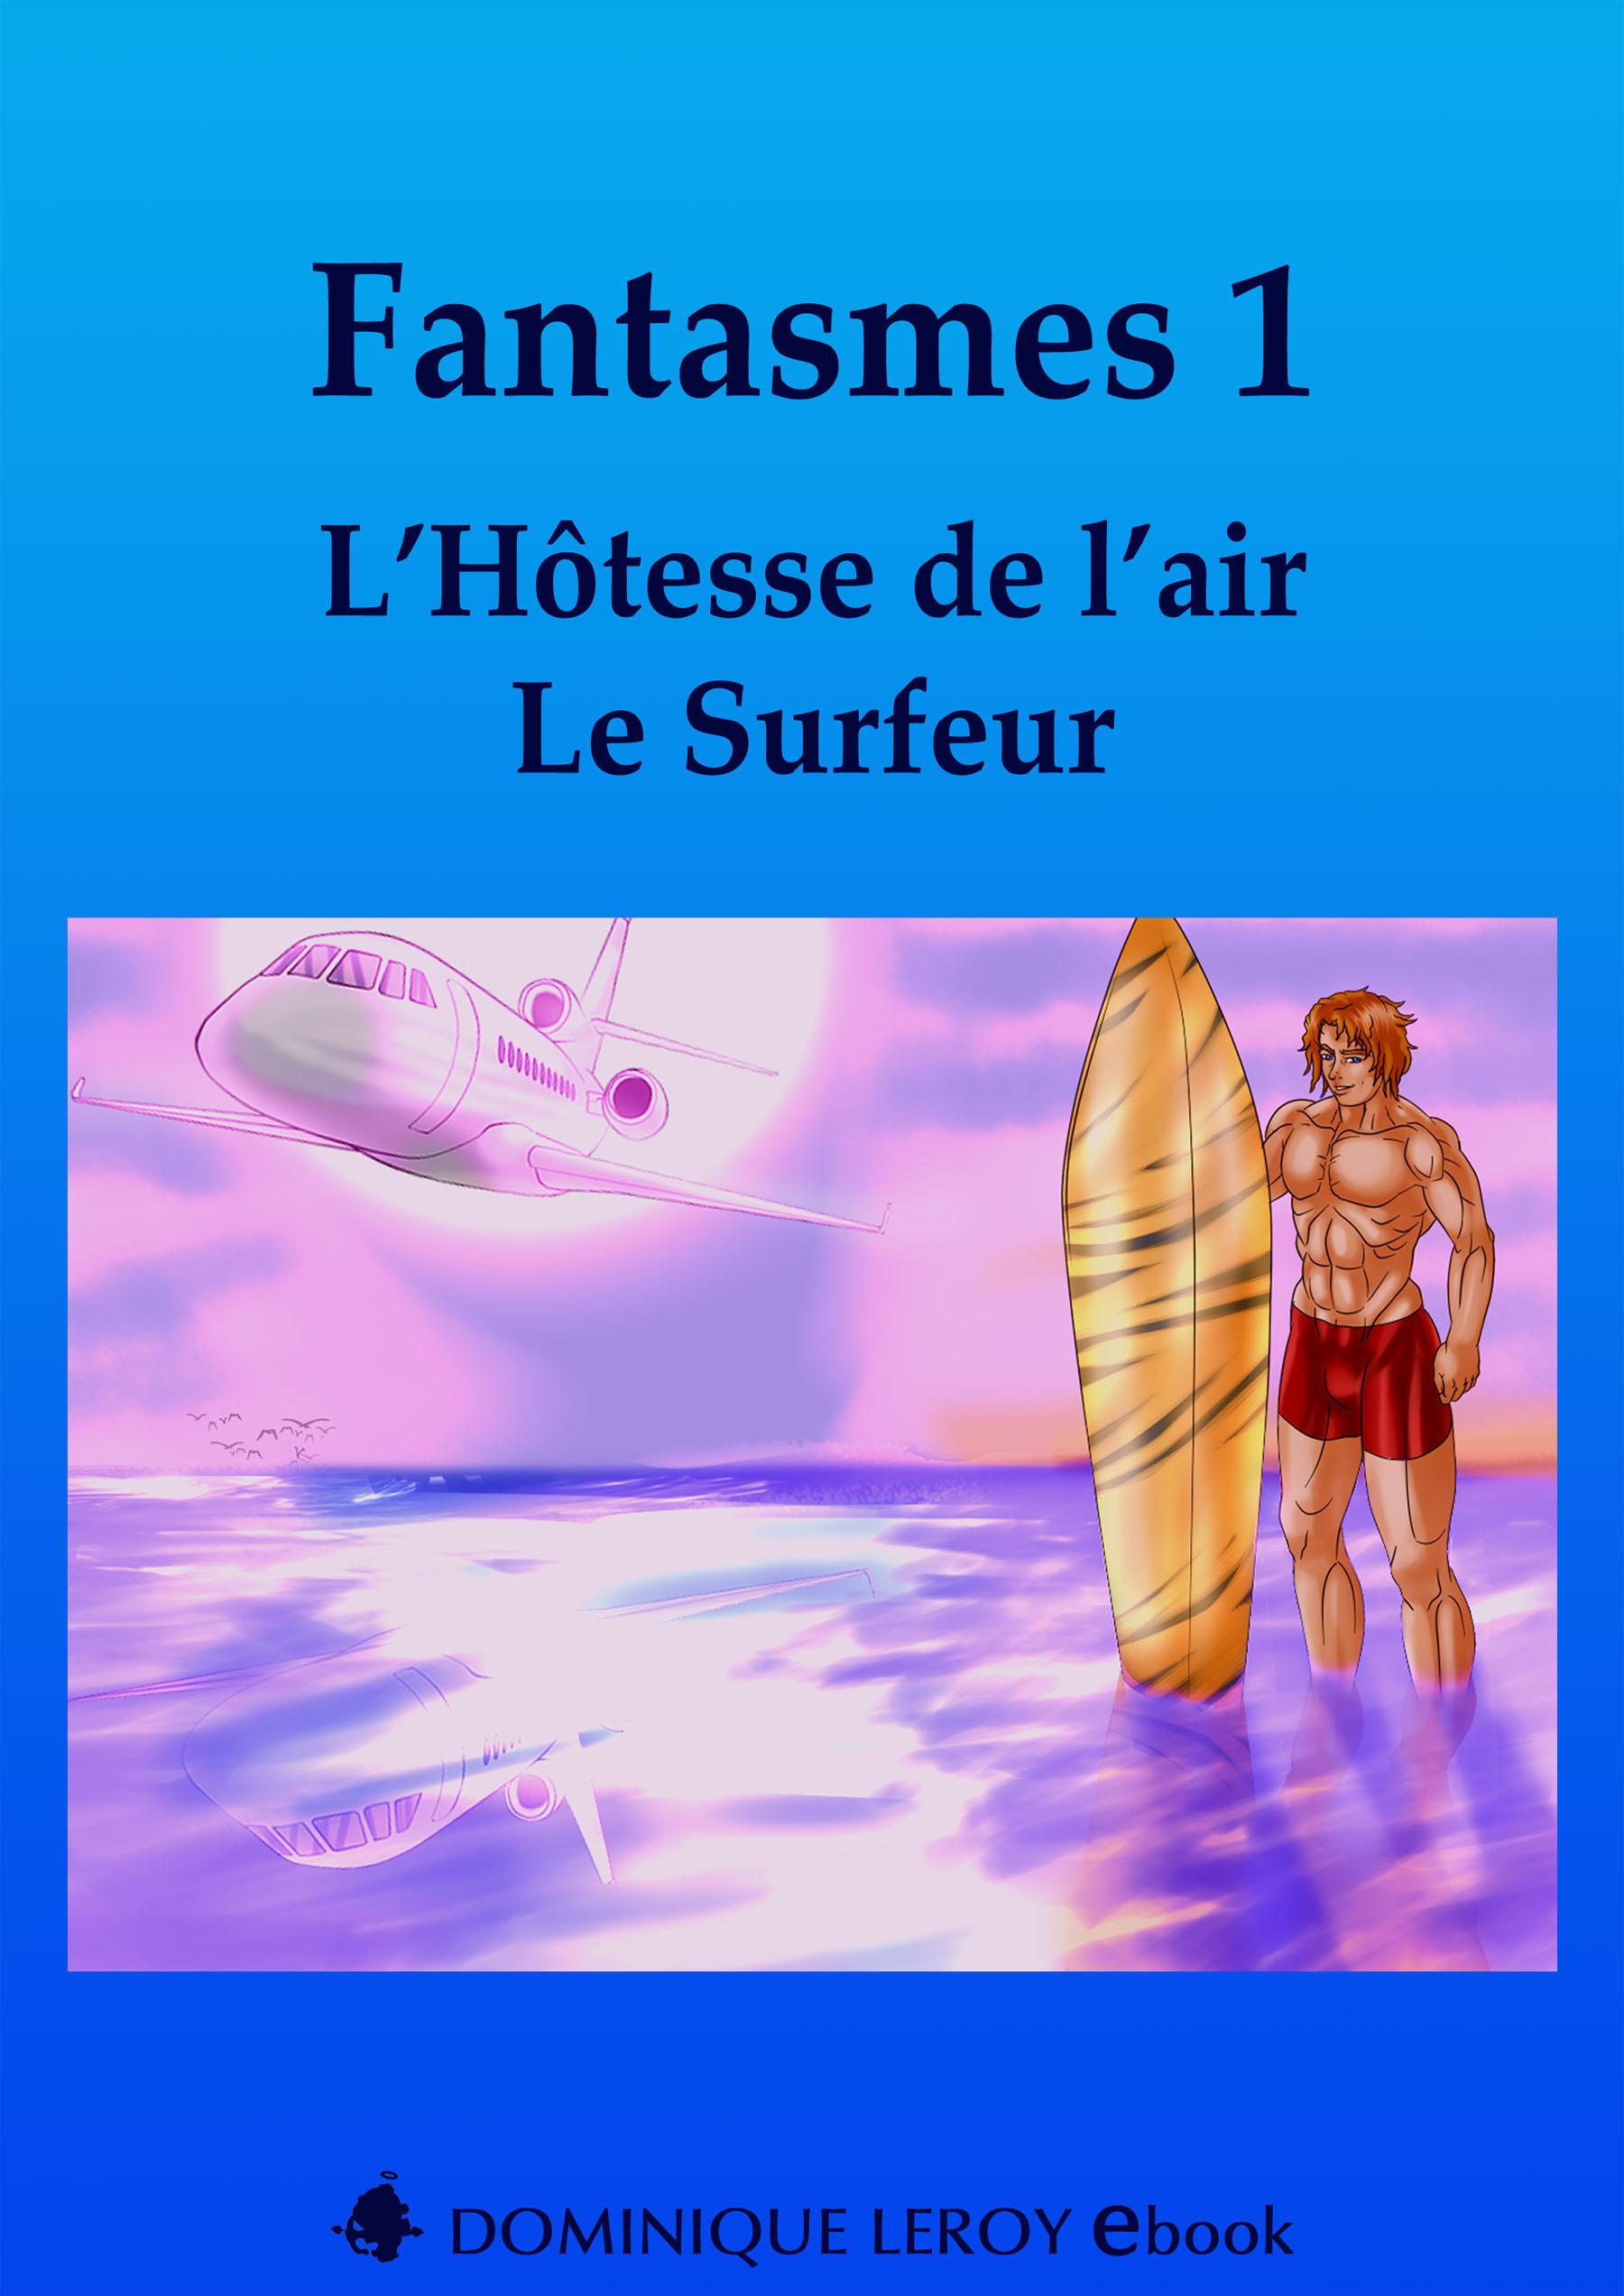 Fantasmes 1, L´Hôtesse de l´air, Le Surfeur